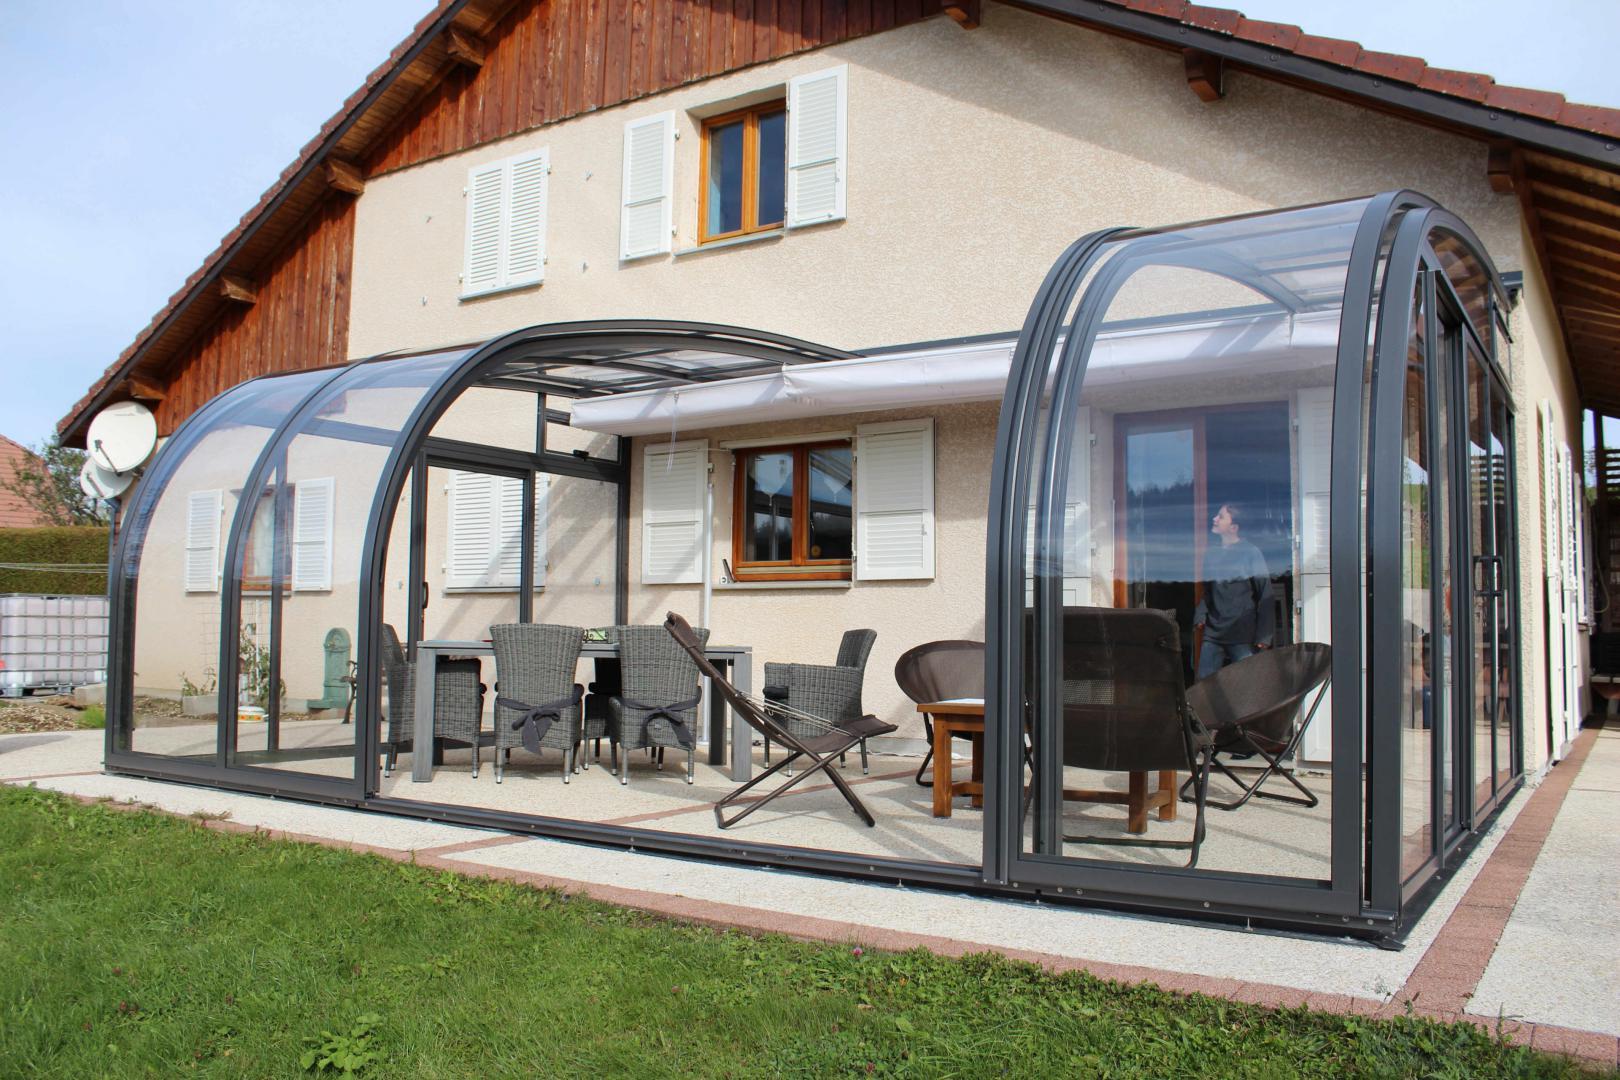 Abri De Terrasse Coulissant Et Veranda Retractable Aluminium ... intérieur Abri De Terrasse Coulissant